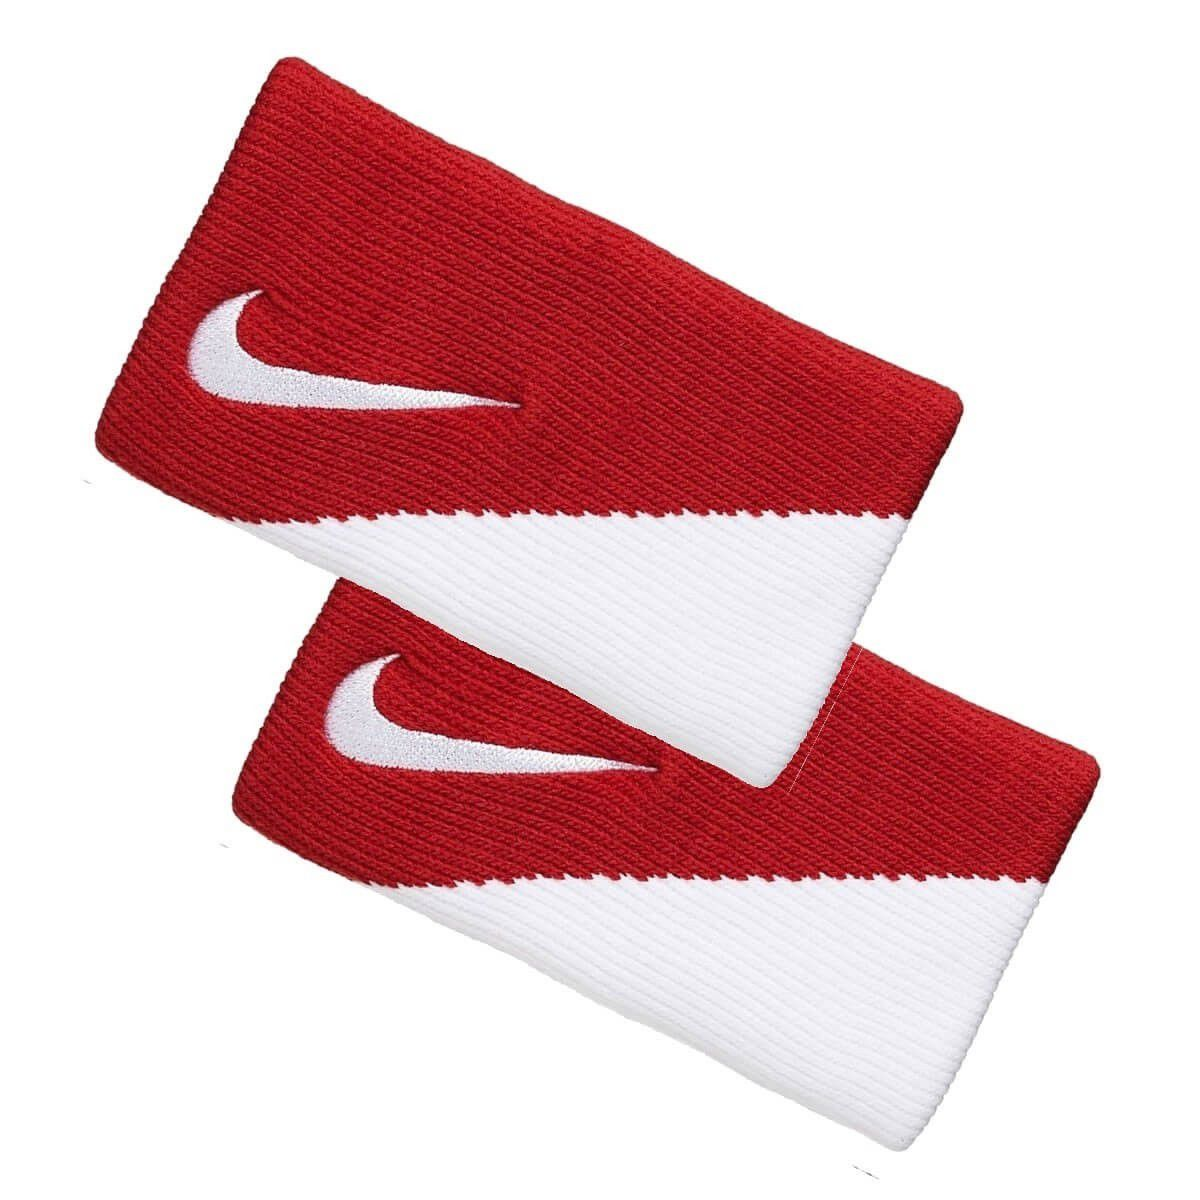 Munhequeira Nike Dri-fit Doublewide 2.0 Vermelha e Branca - 02 Unidades